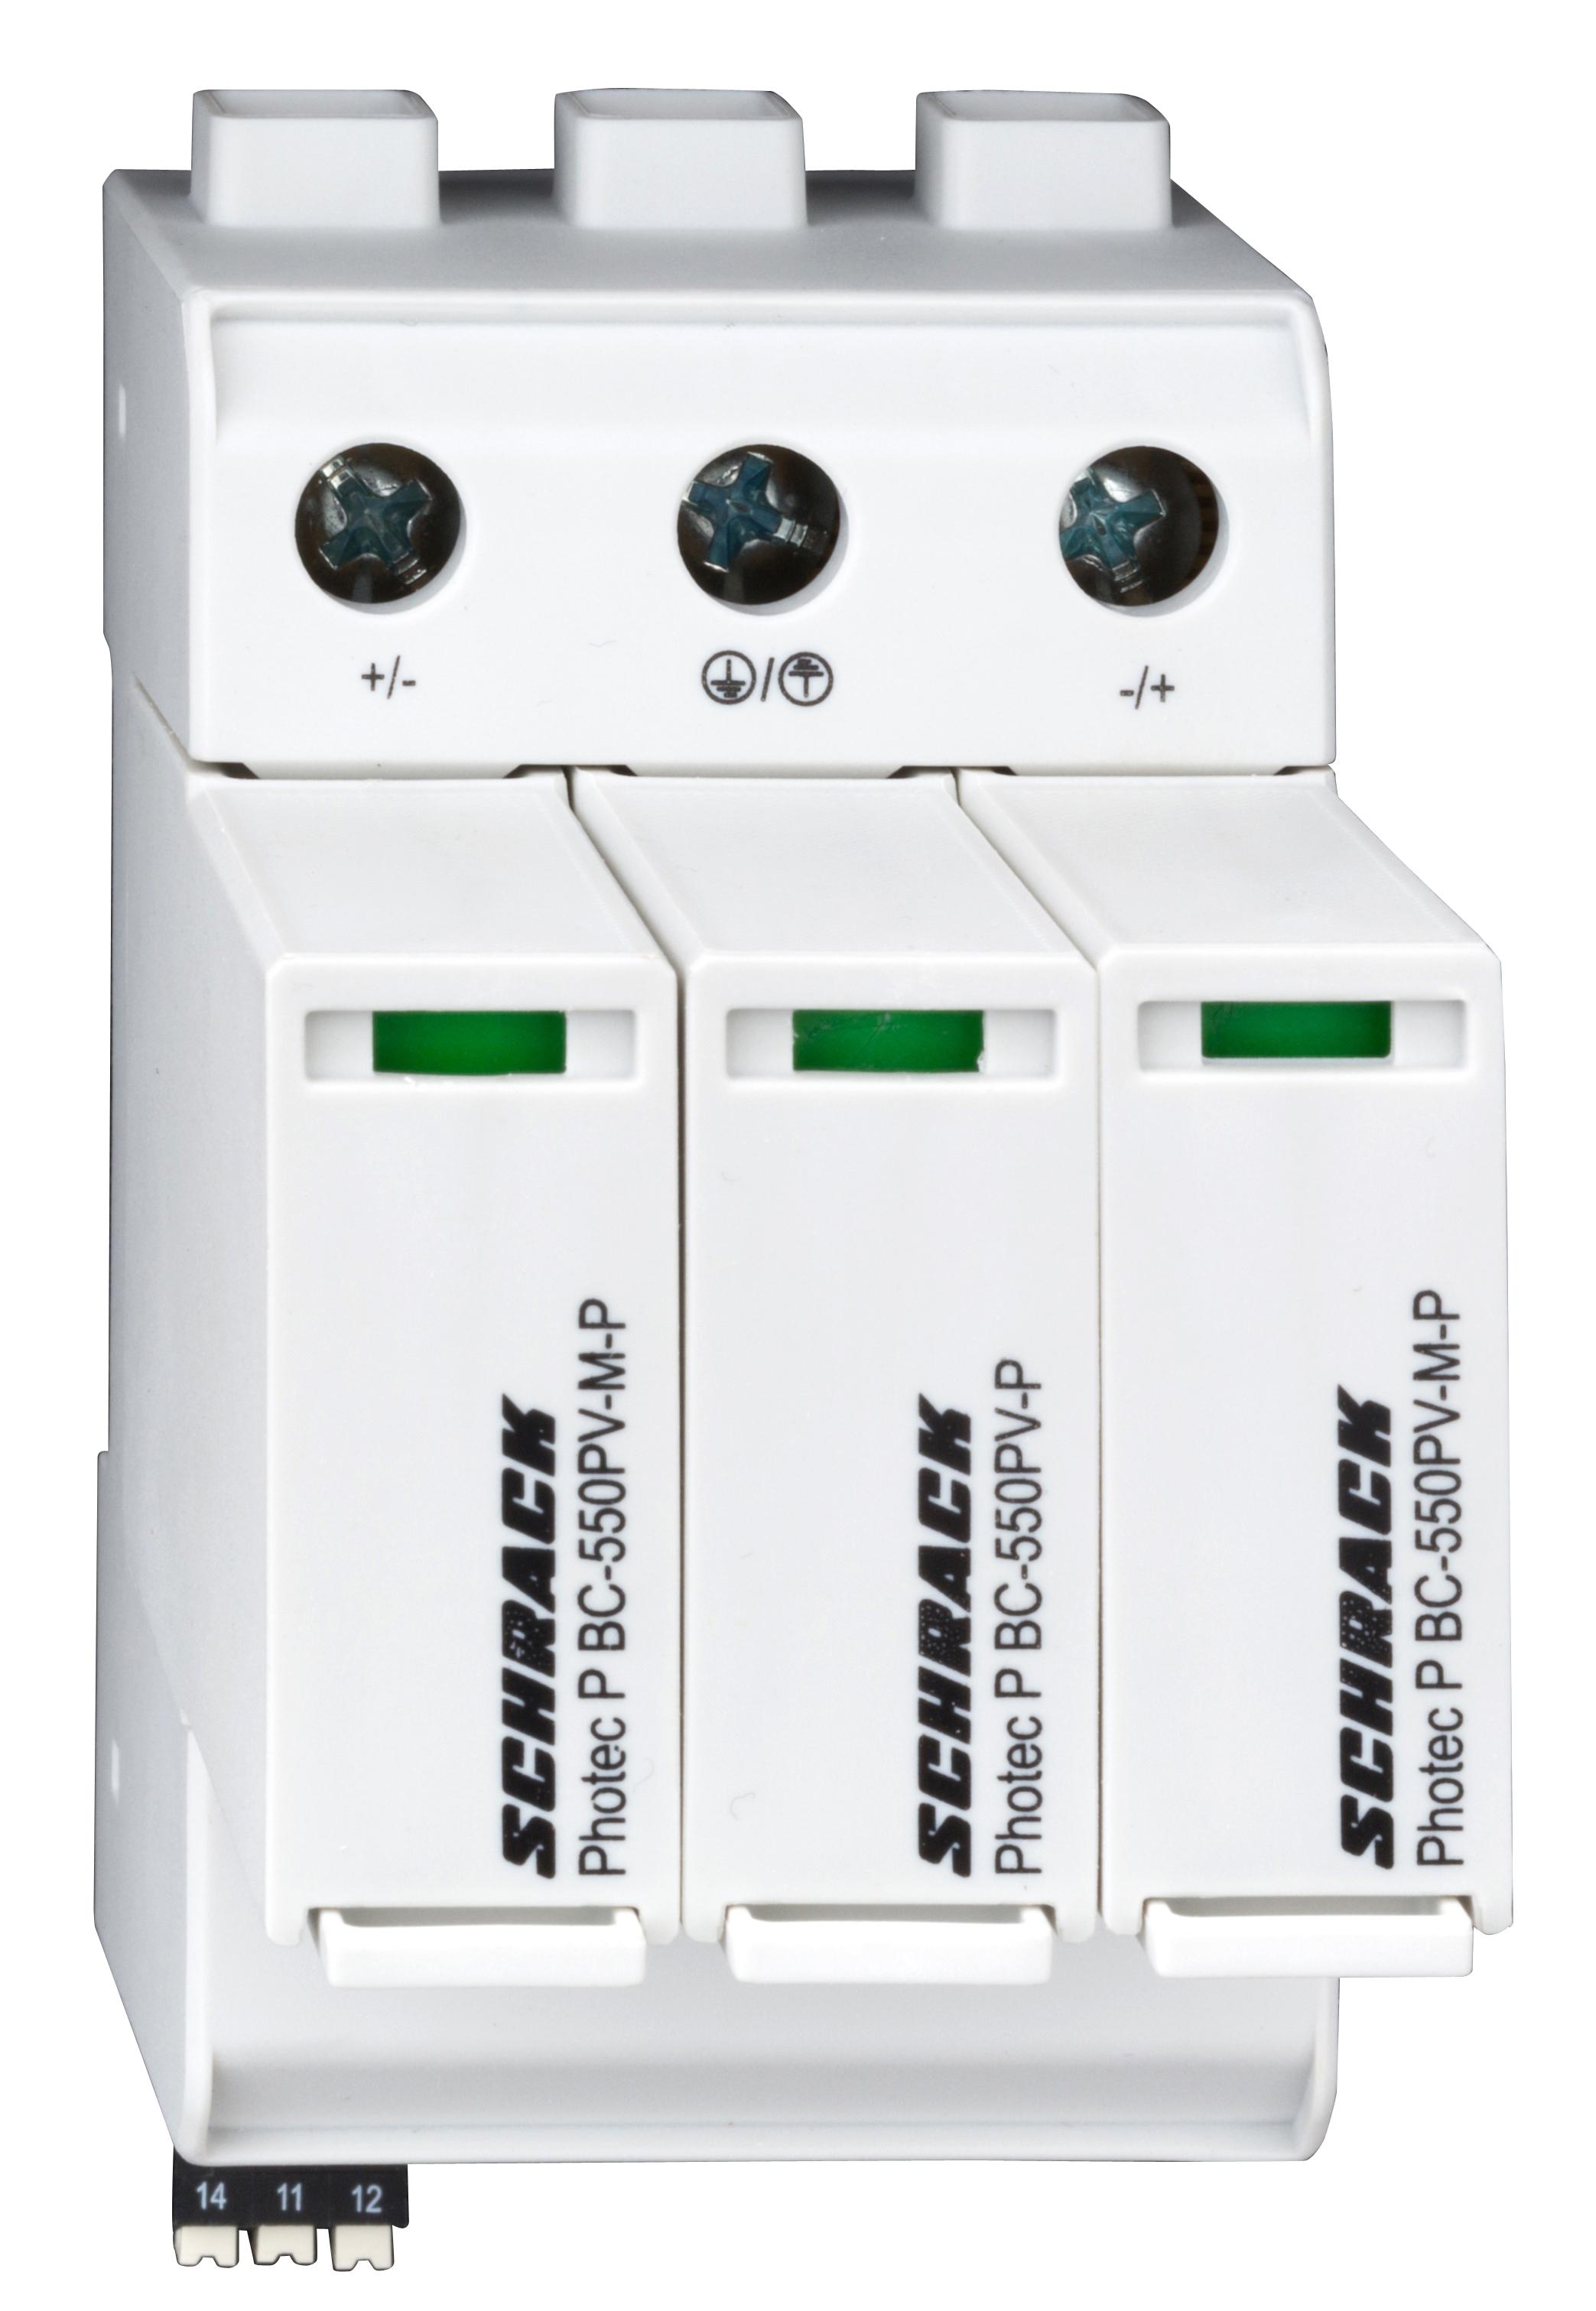 1 Stk Photovoltaikabl.steckb., Kl. 1+2(B+C)1100Vdc, Iimp 12,5kA+HK IS01111101